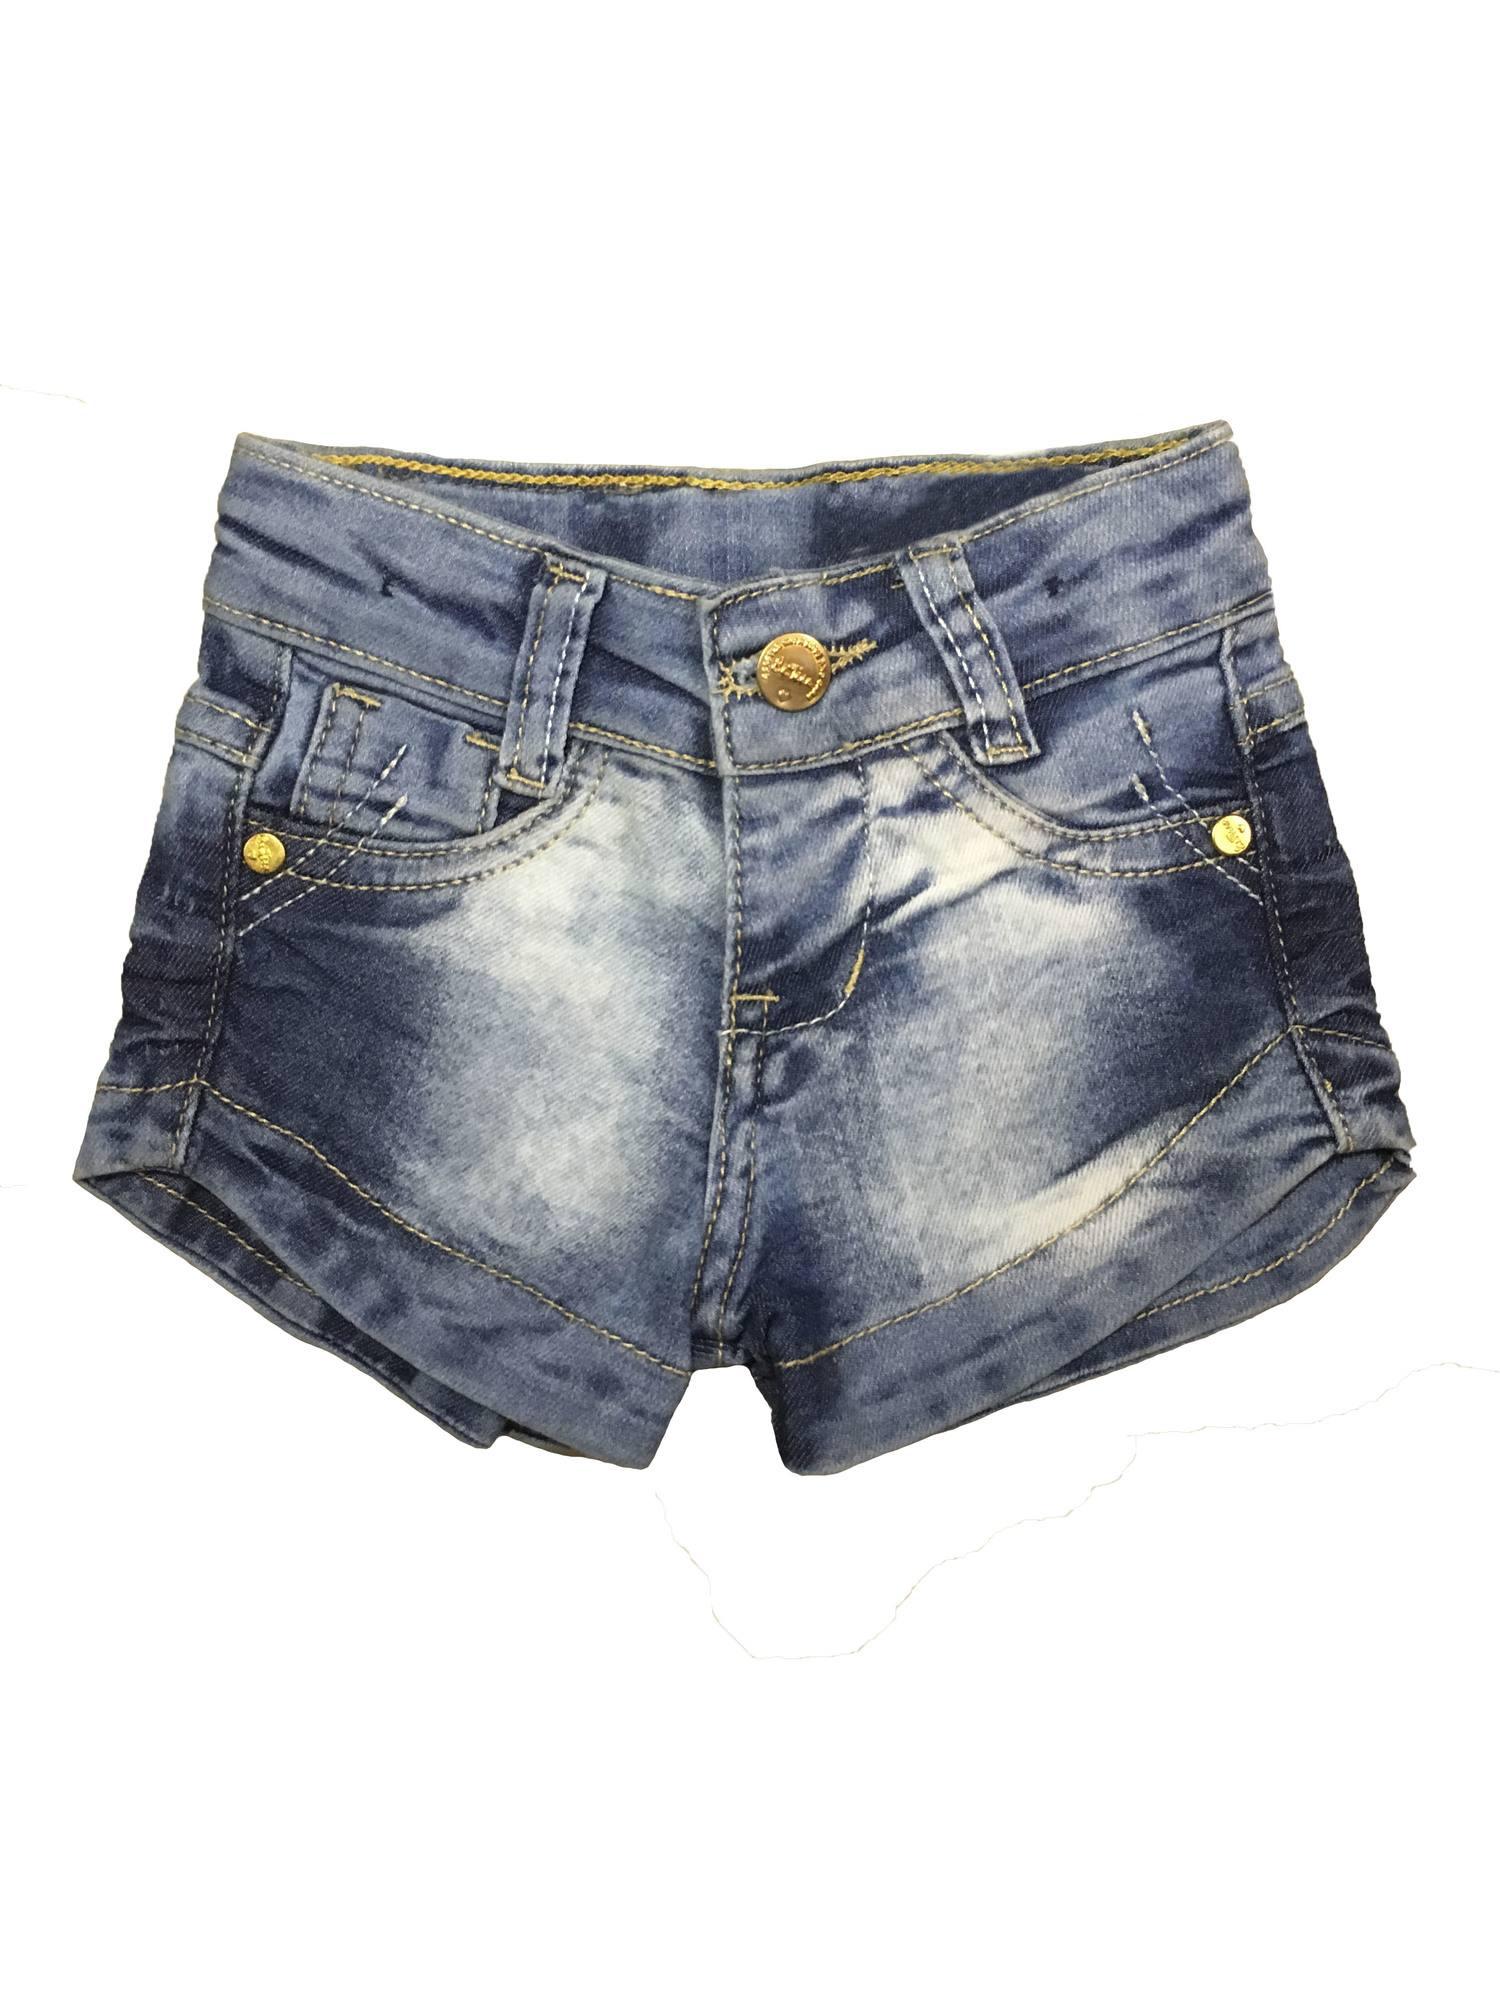 Shorts Feminino Jeans Bebê [201]